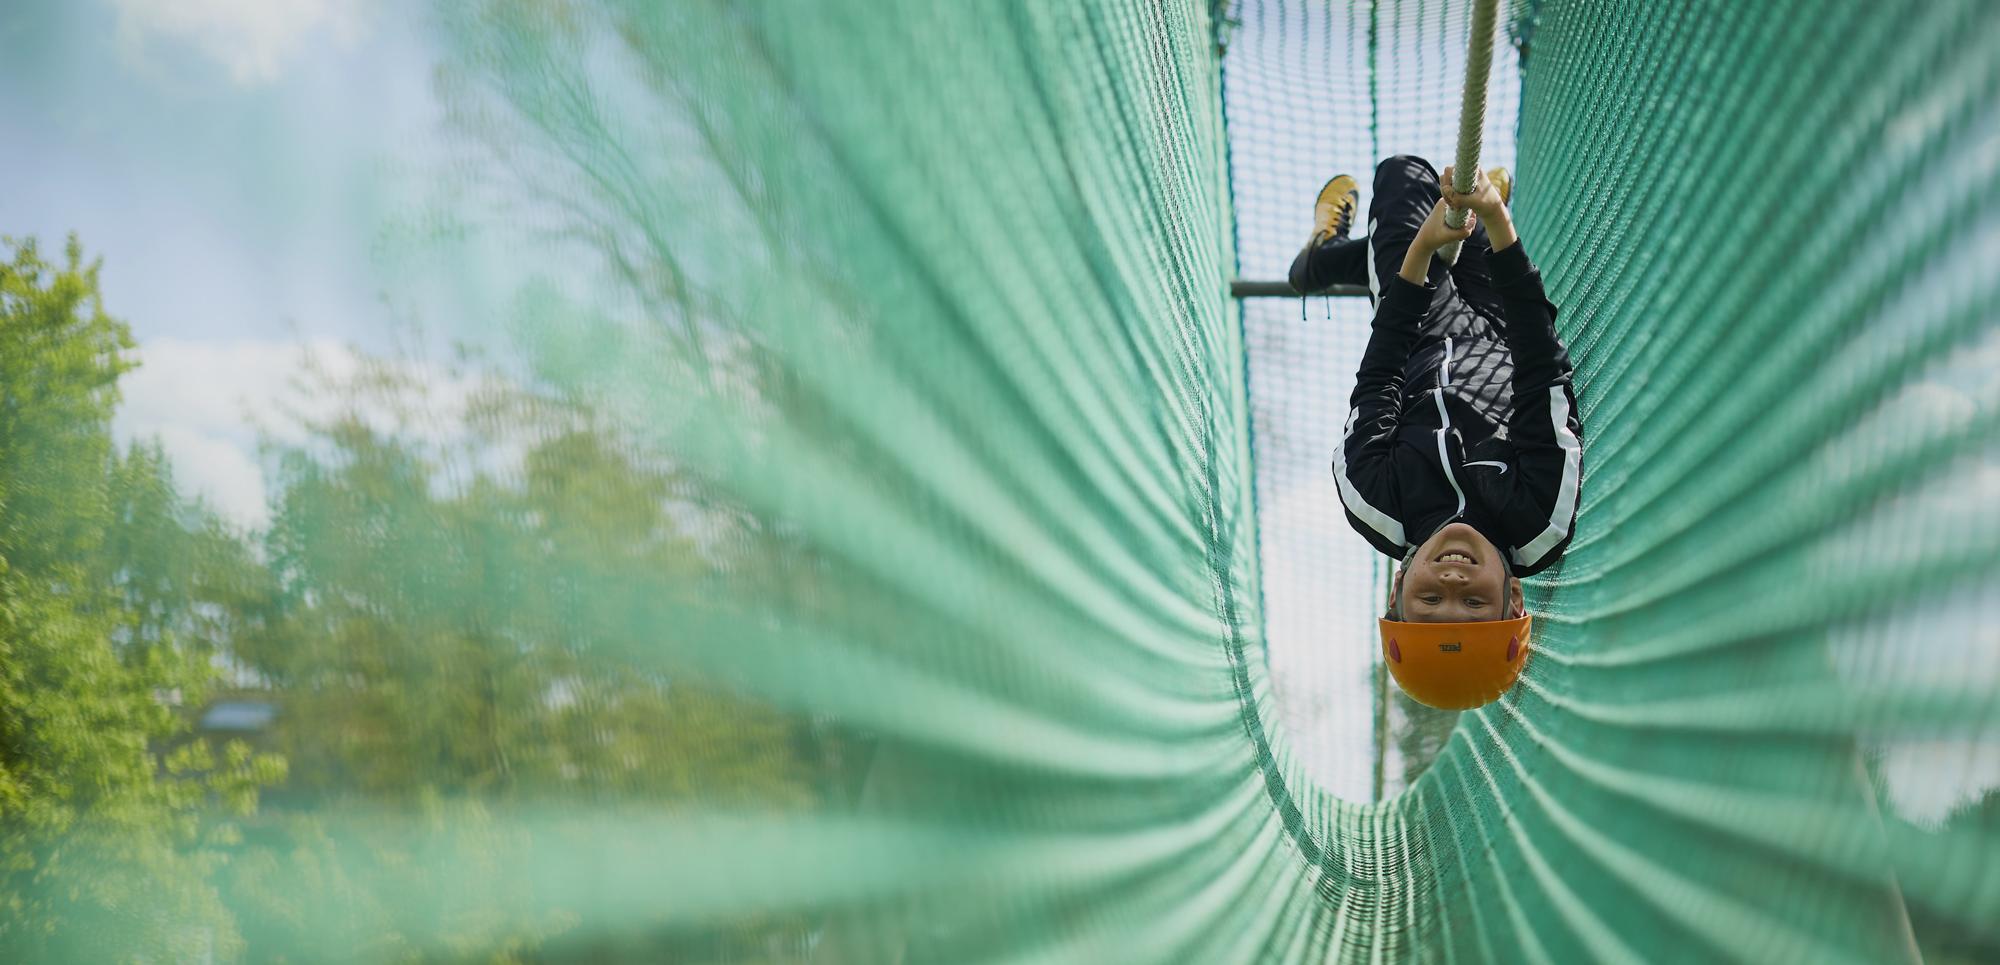 boy in orange helmet hanging upside down on a cargo net